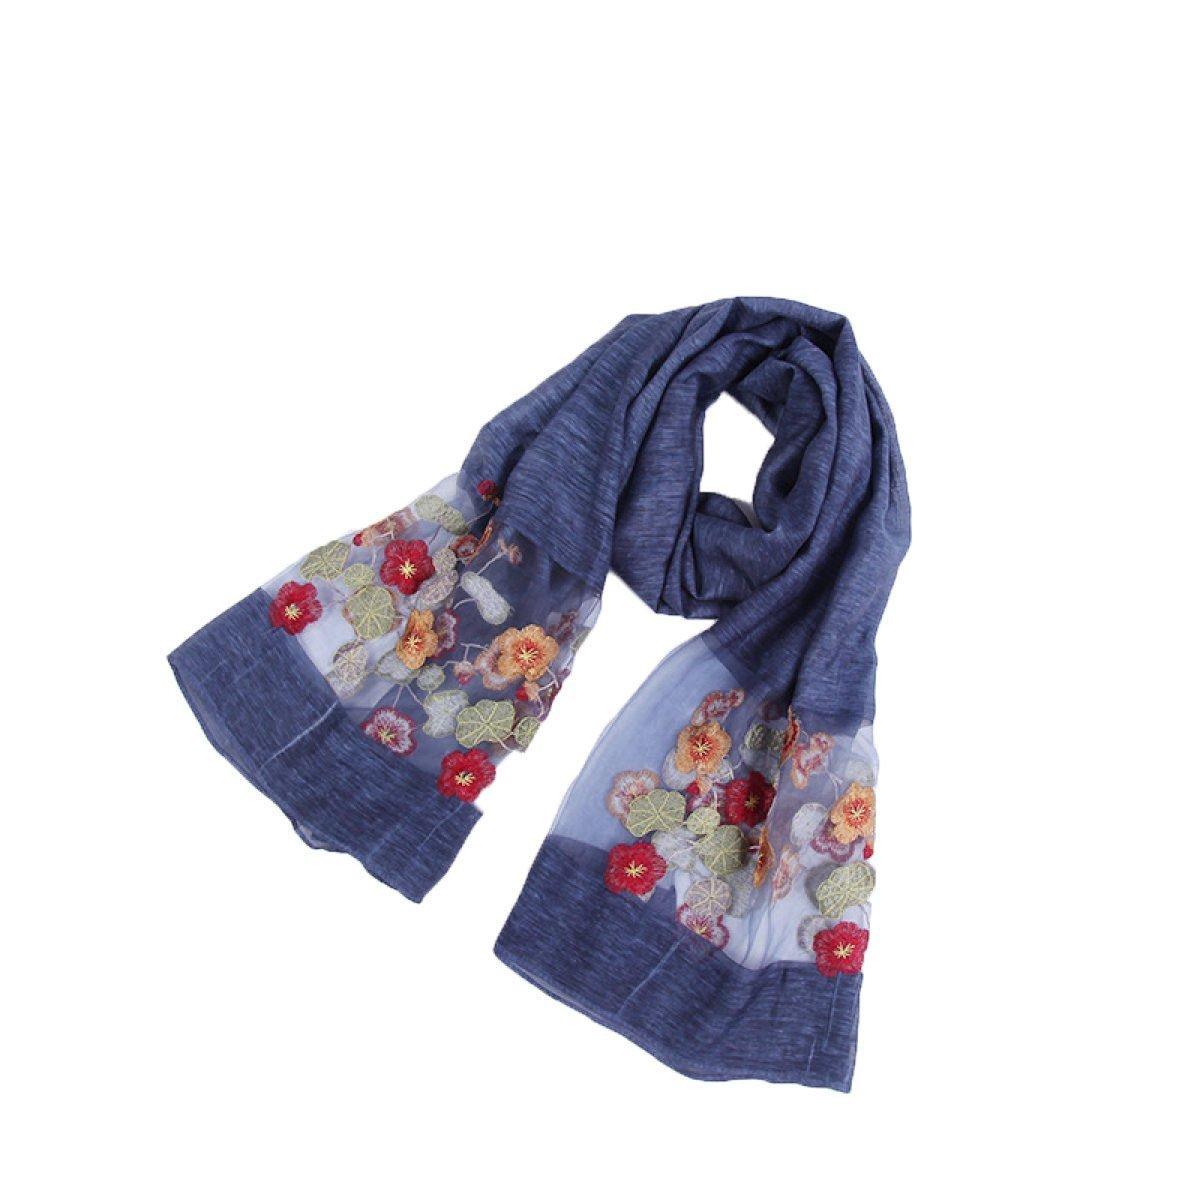 DIDIDD Bufanda de seda bufanda de moda bordado,4,195 * 90cm